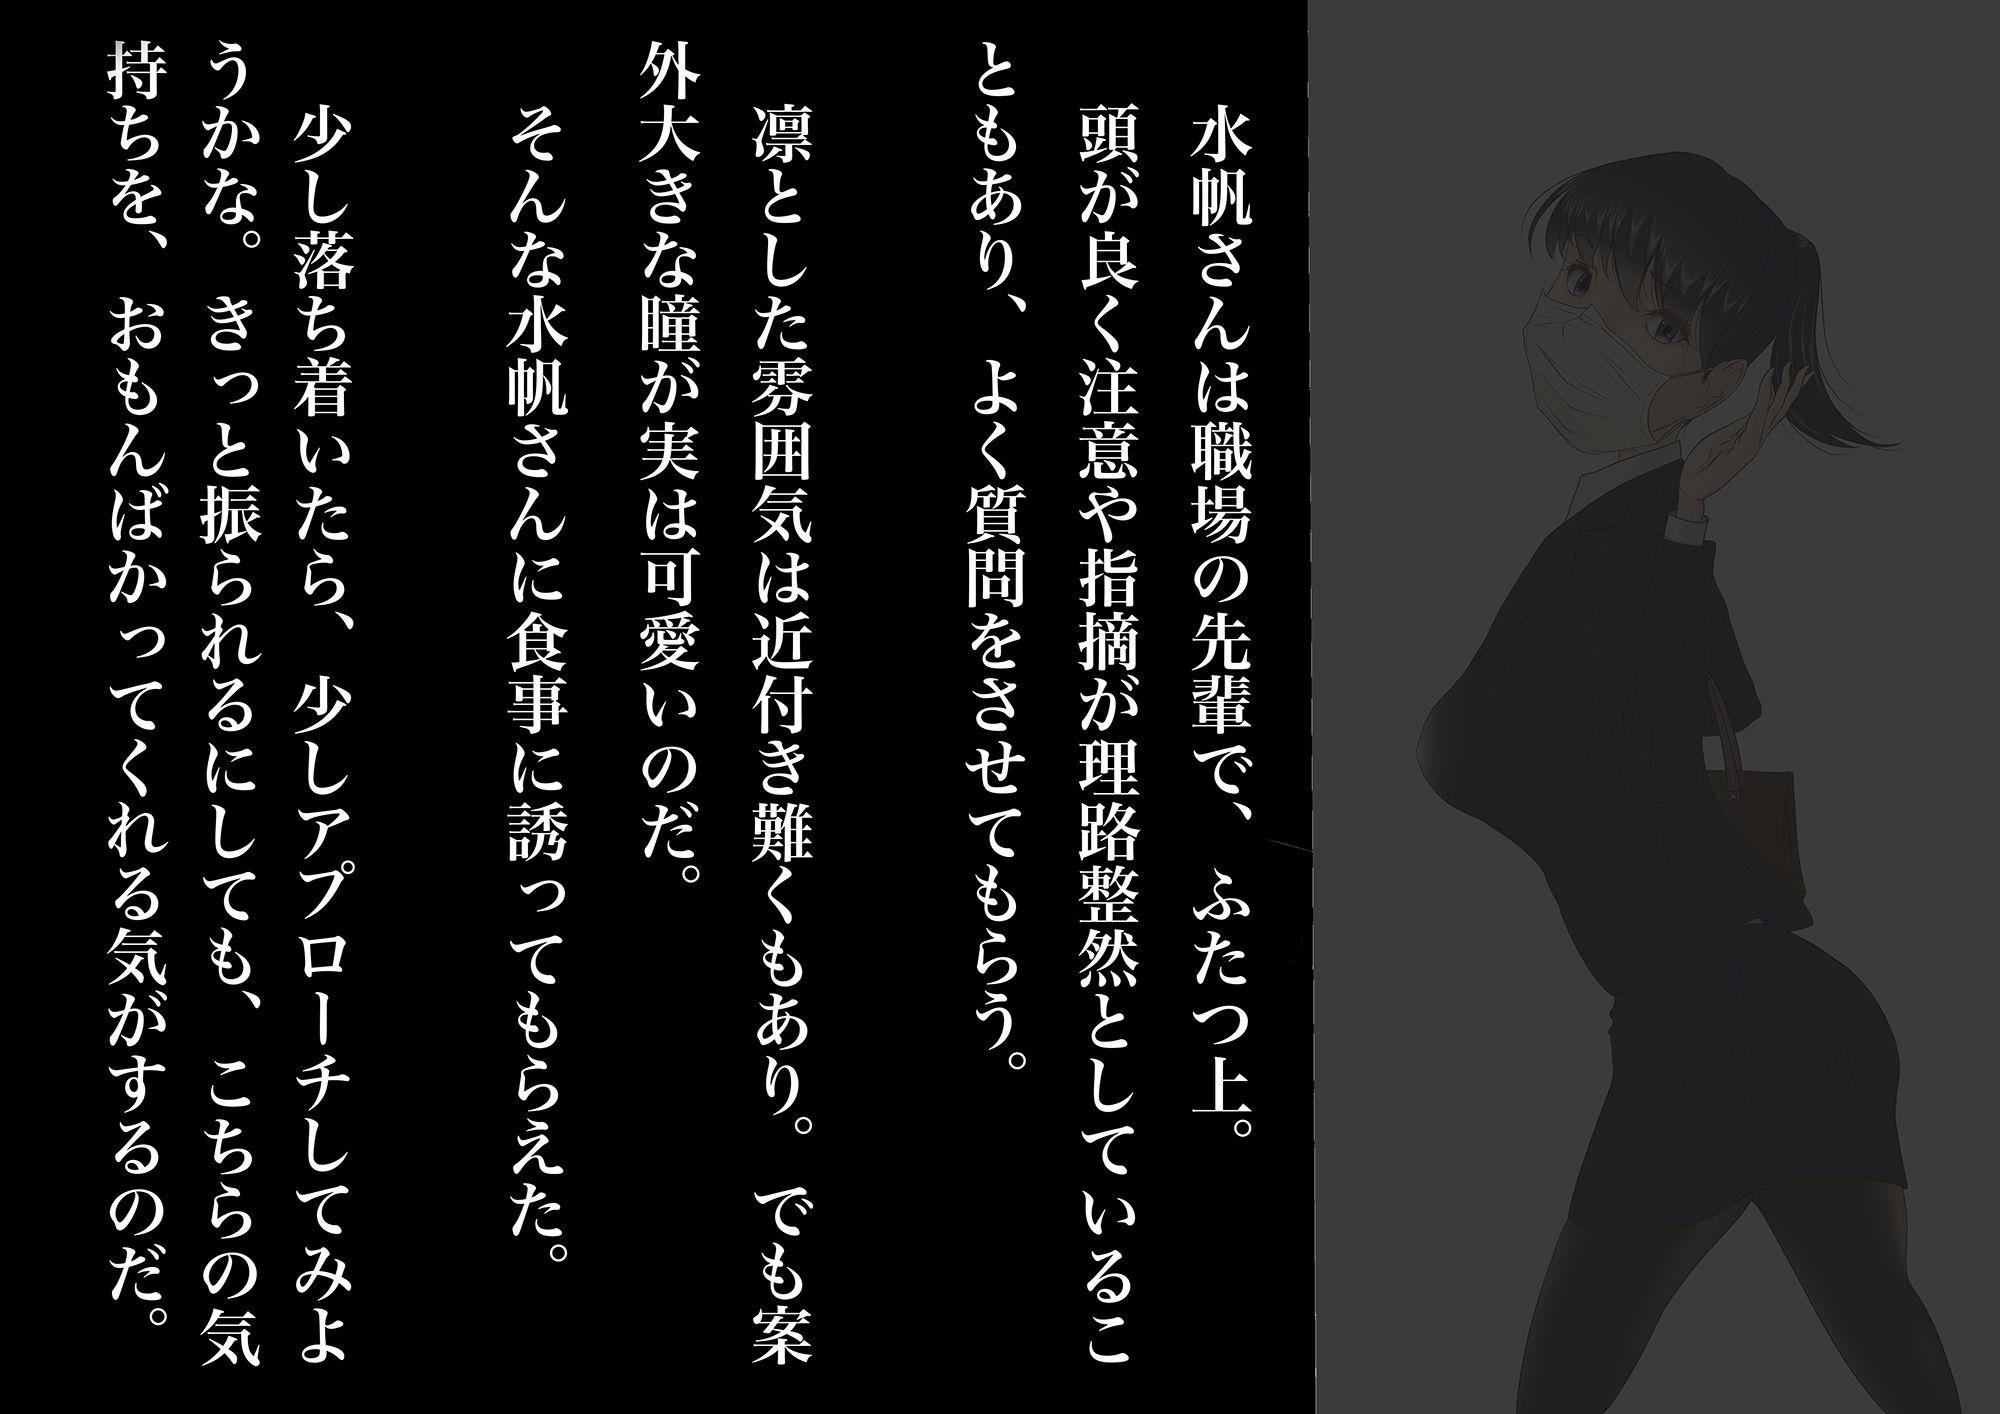 BSS〜鬱〇起さえおこがましい?〜